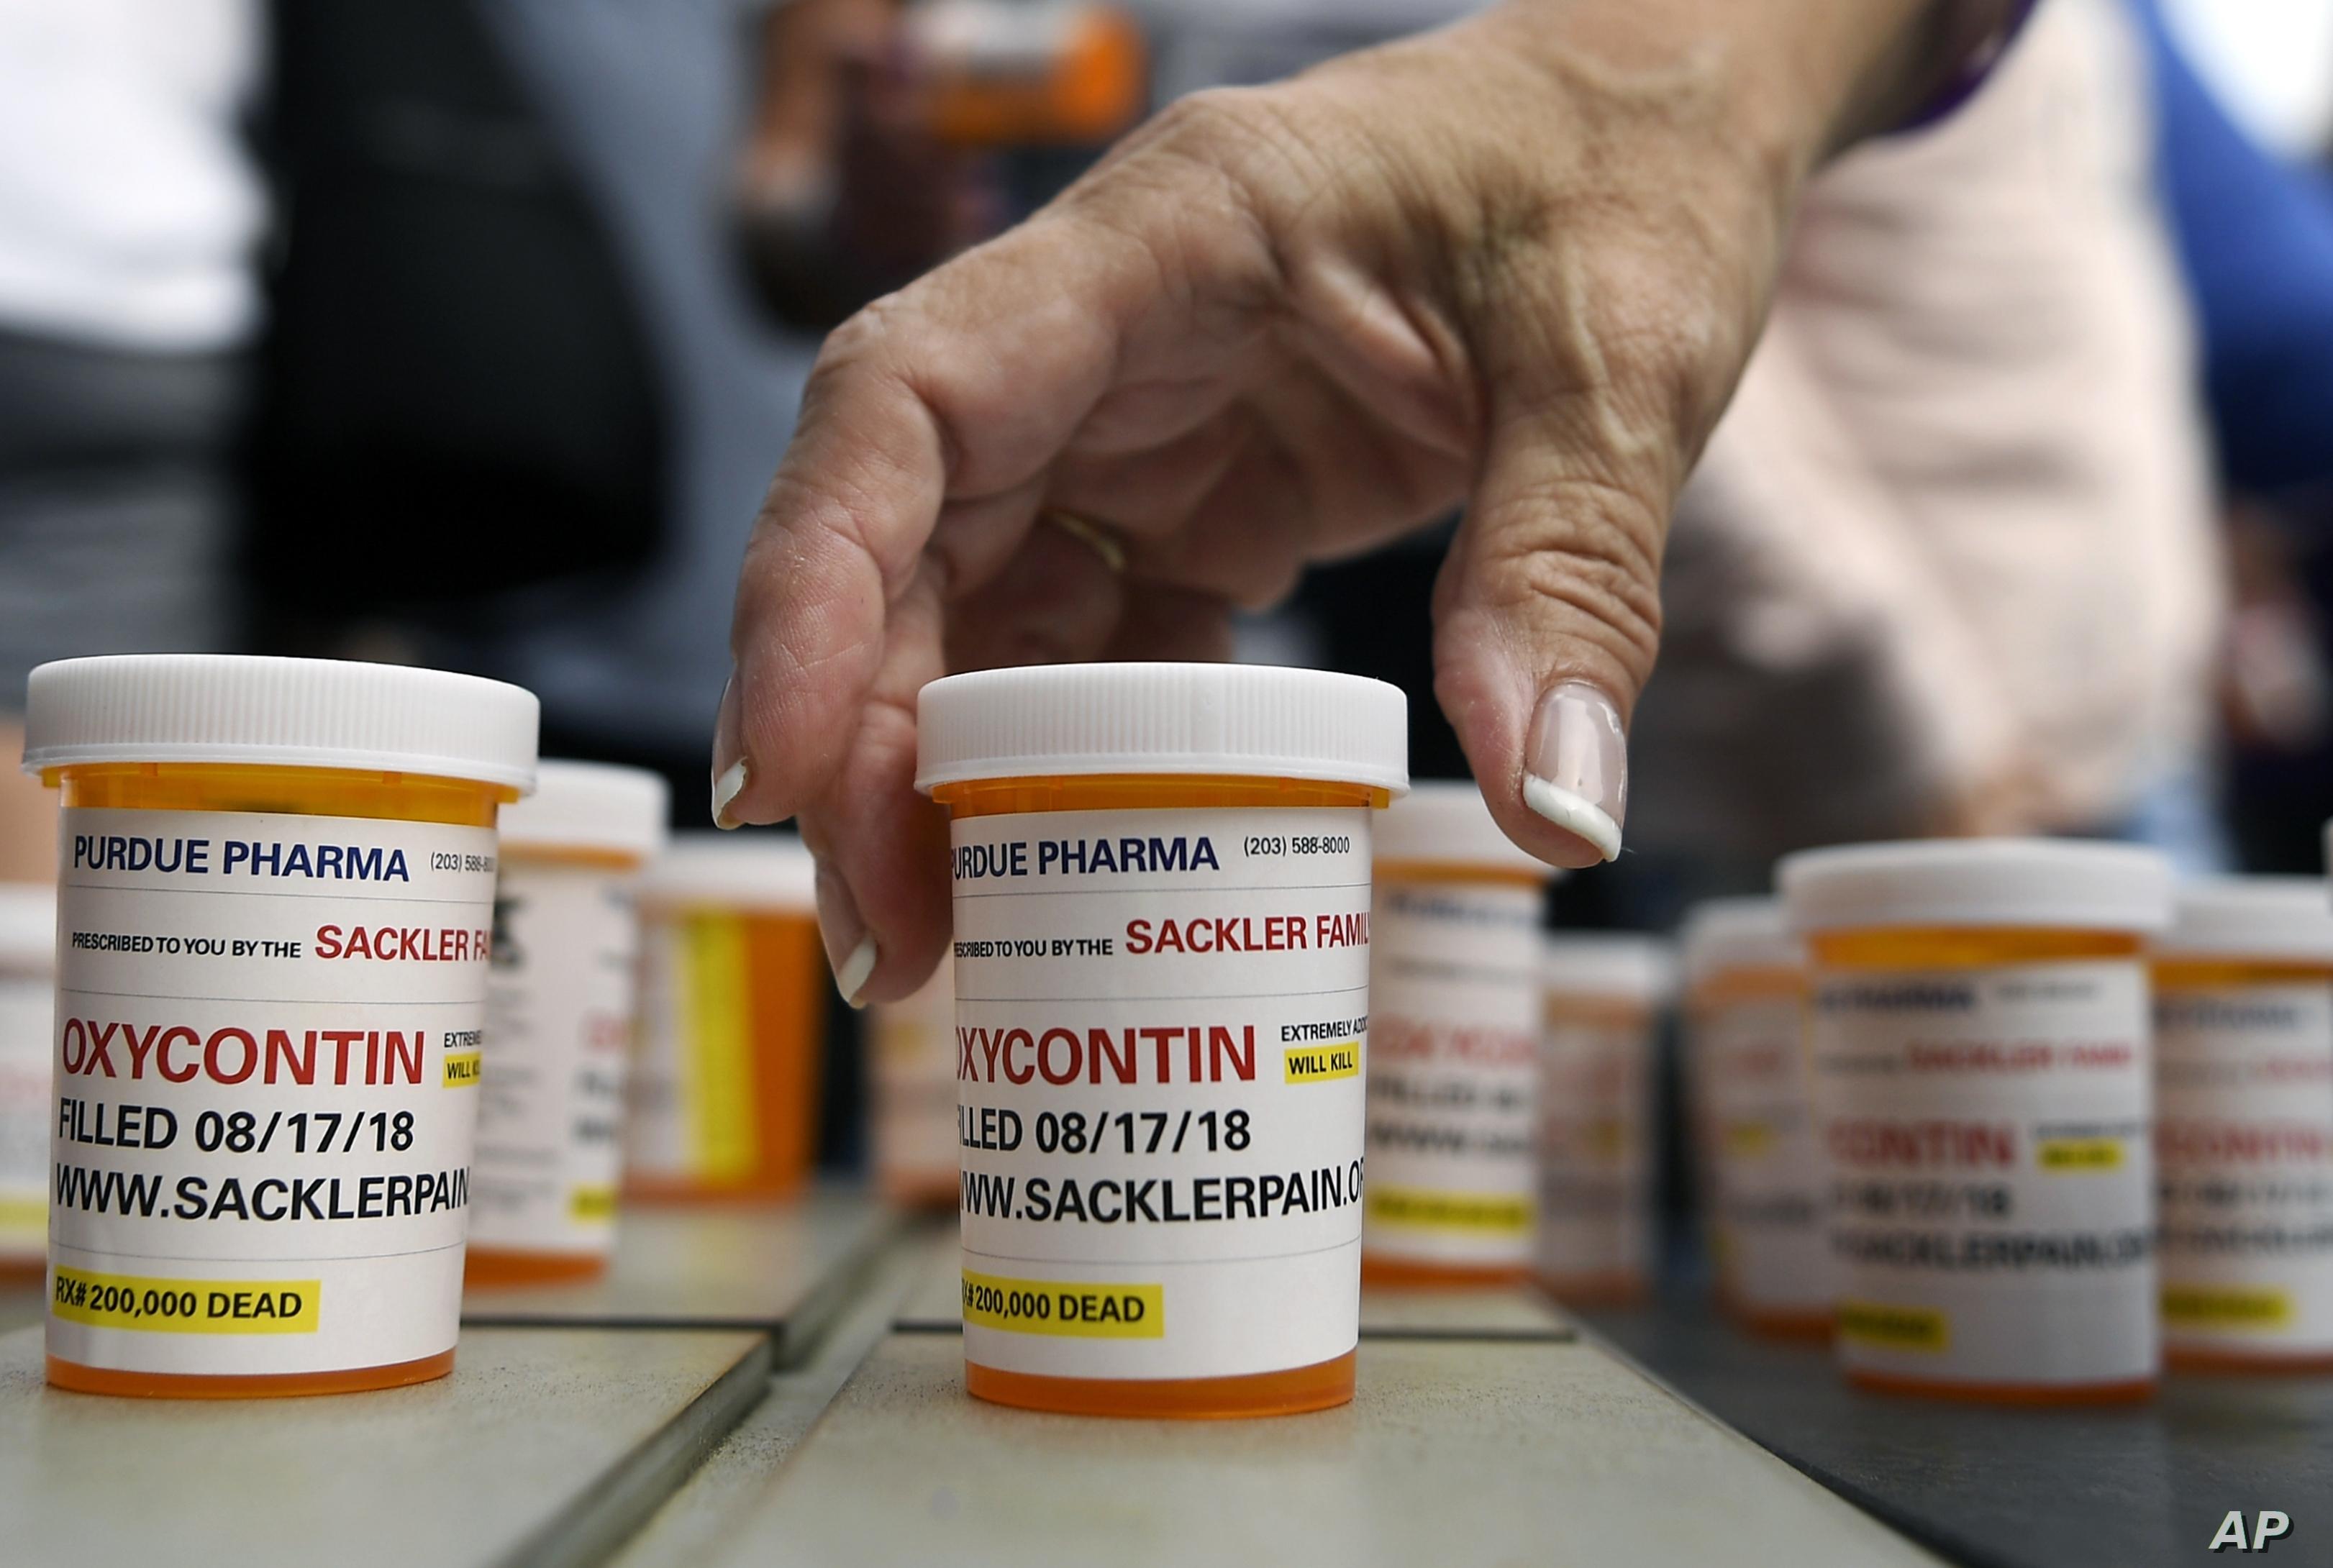 أدوية شركة بوردو فارما